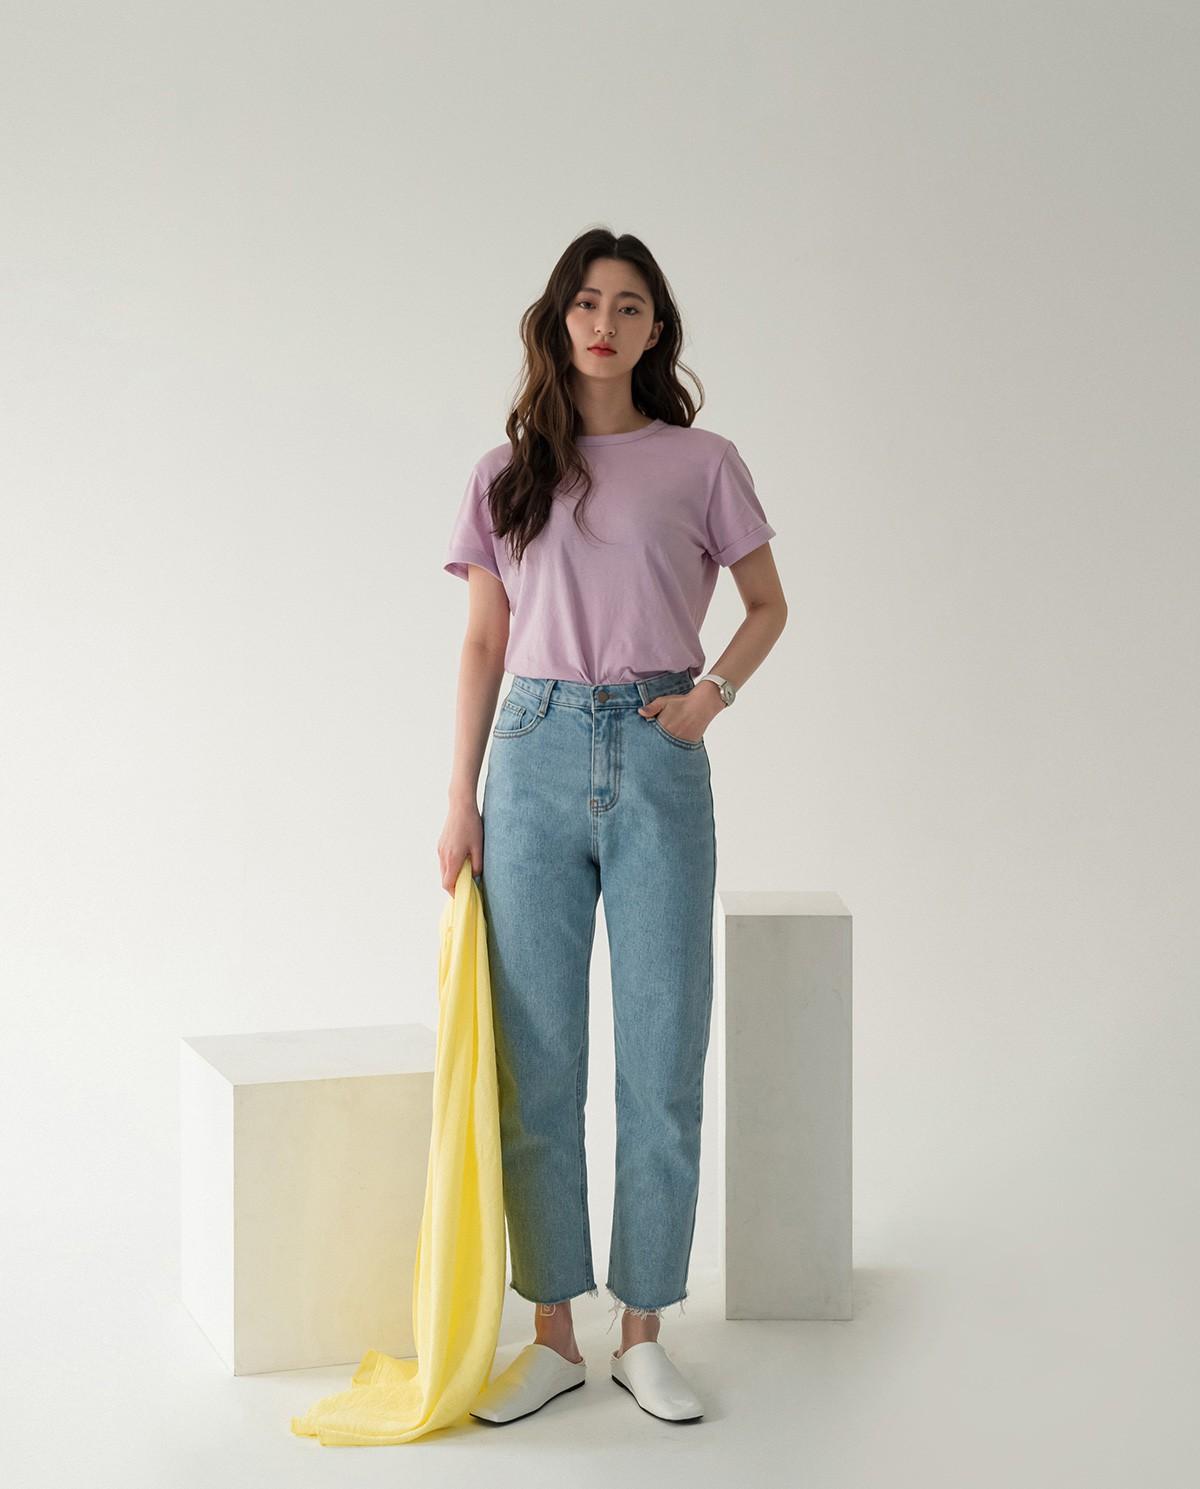 Bảo chứng cho vẻ sành điệu là combo áo phông – quần jeans với 15 ý tưởng diện mãi không biết chán này 14